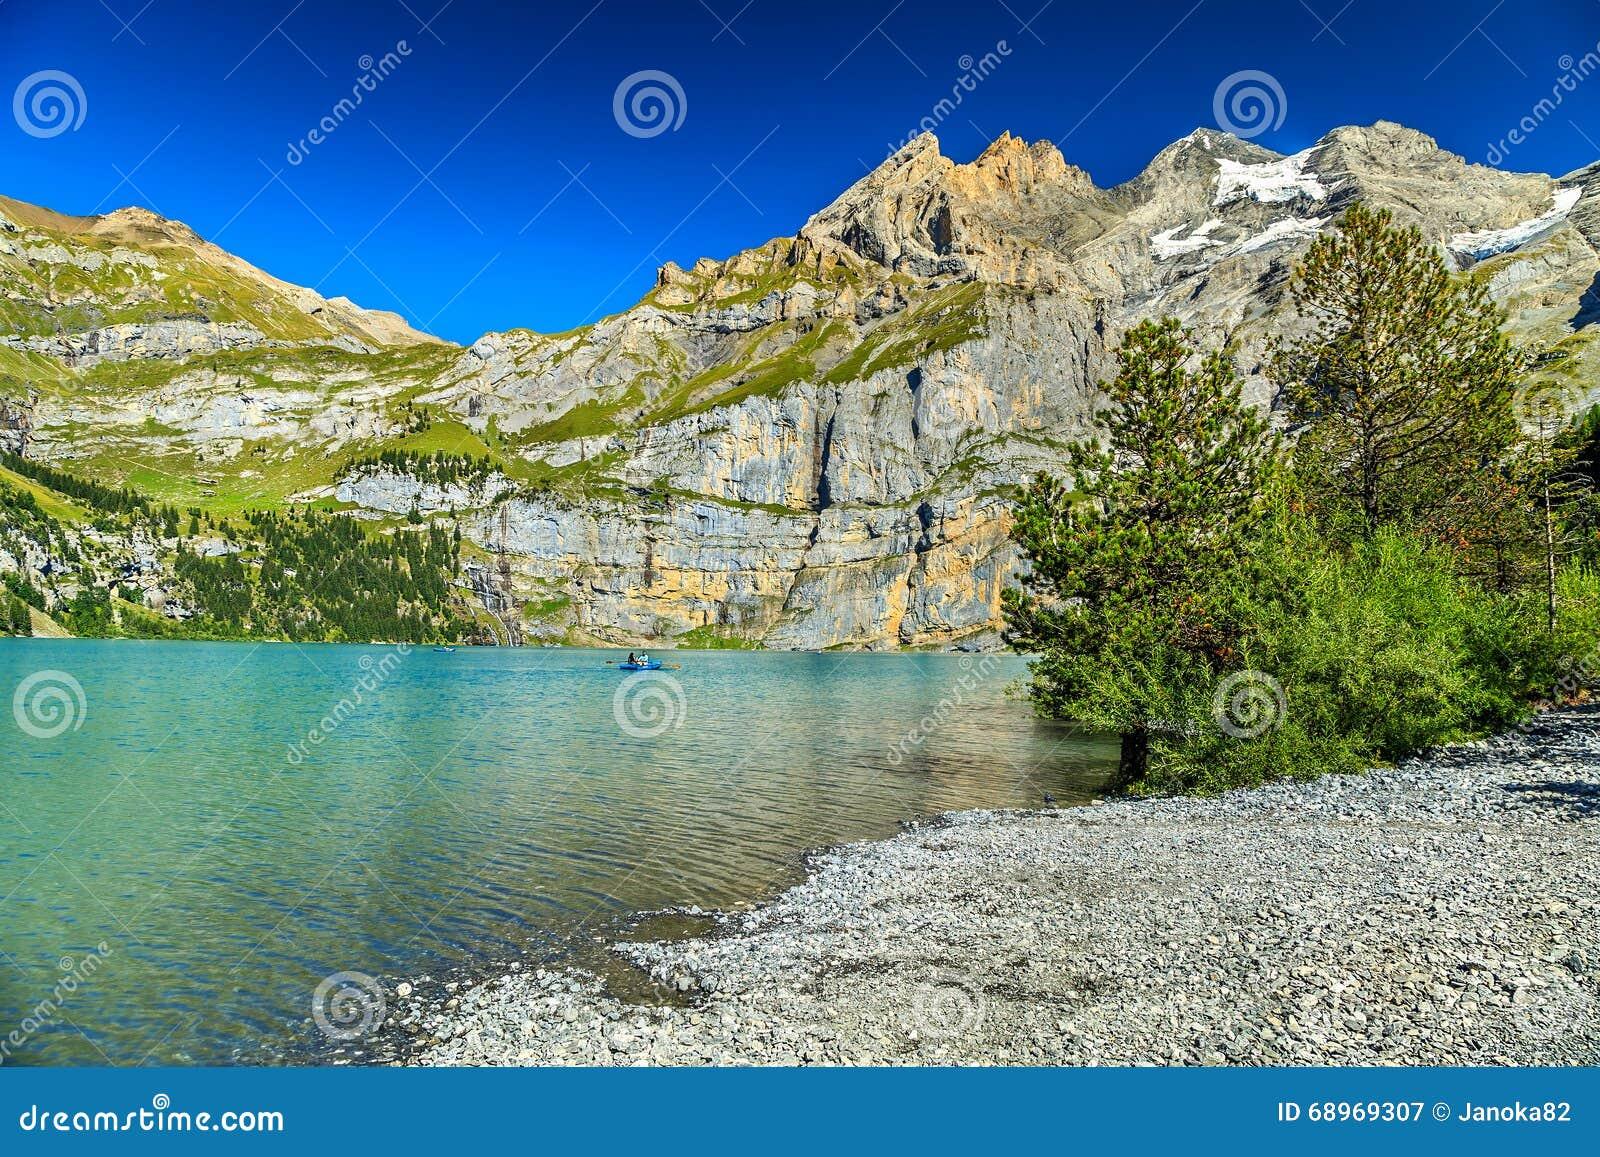 Blauer see schweiz